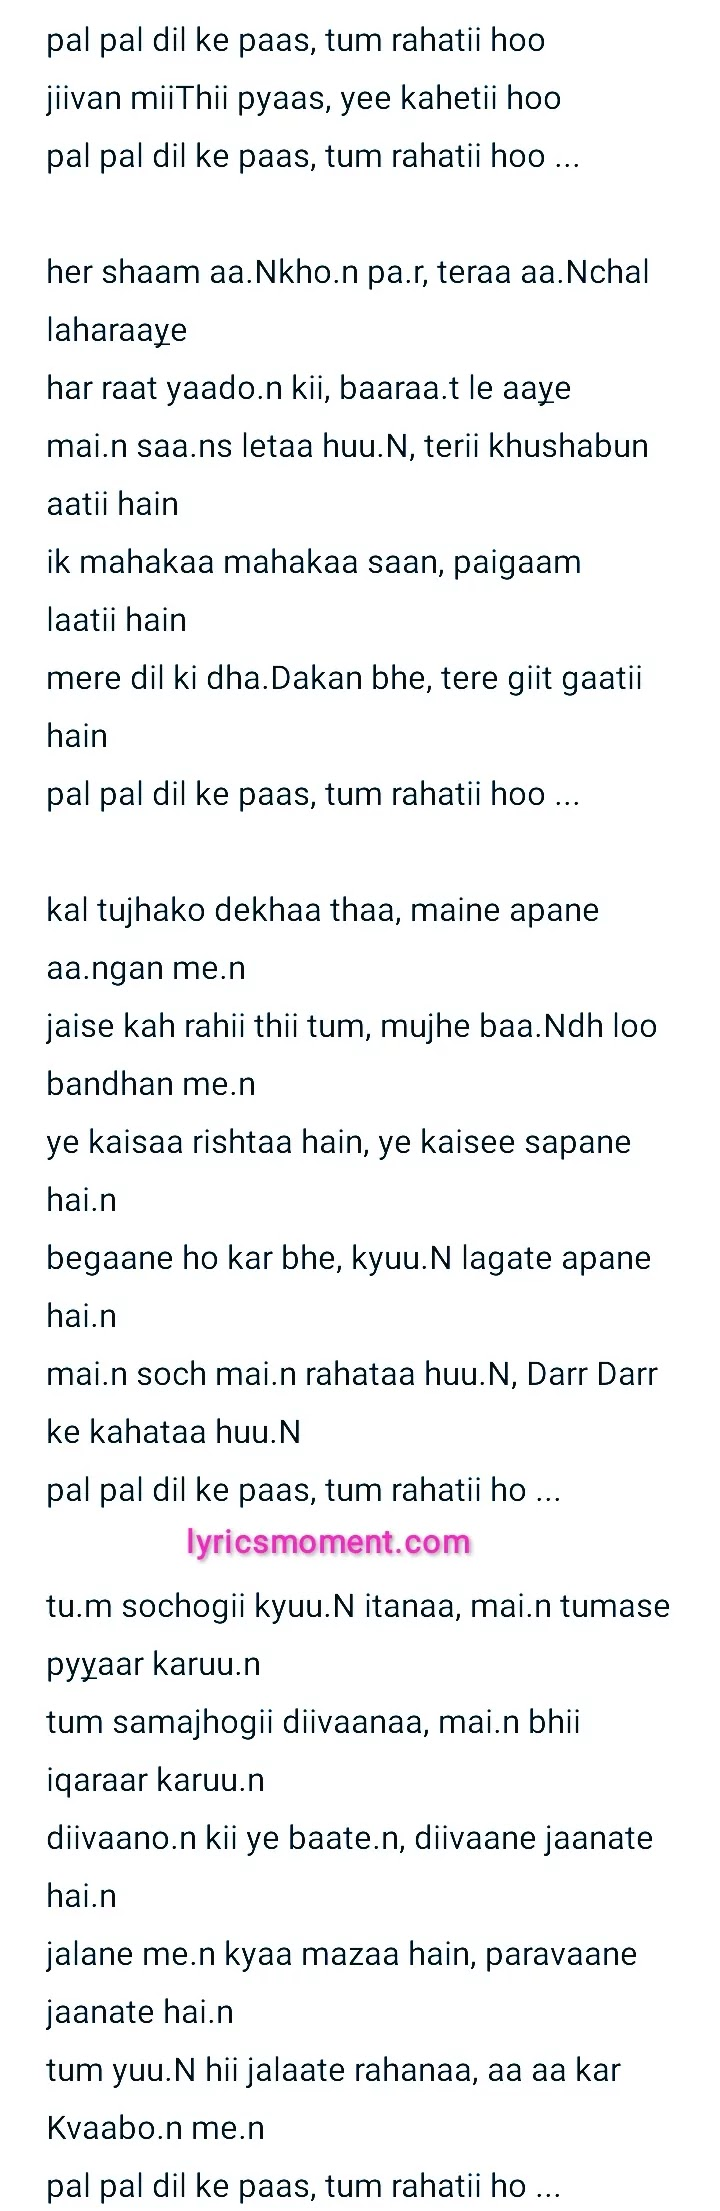 pal pal dil ke paas lyrics - kishore kumar | blackmail